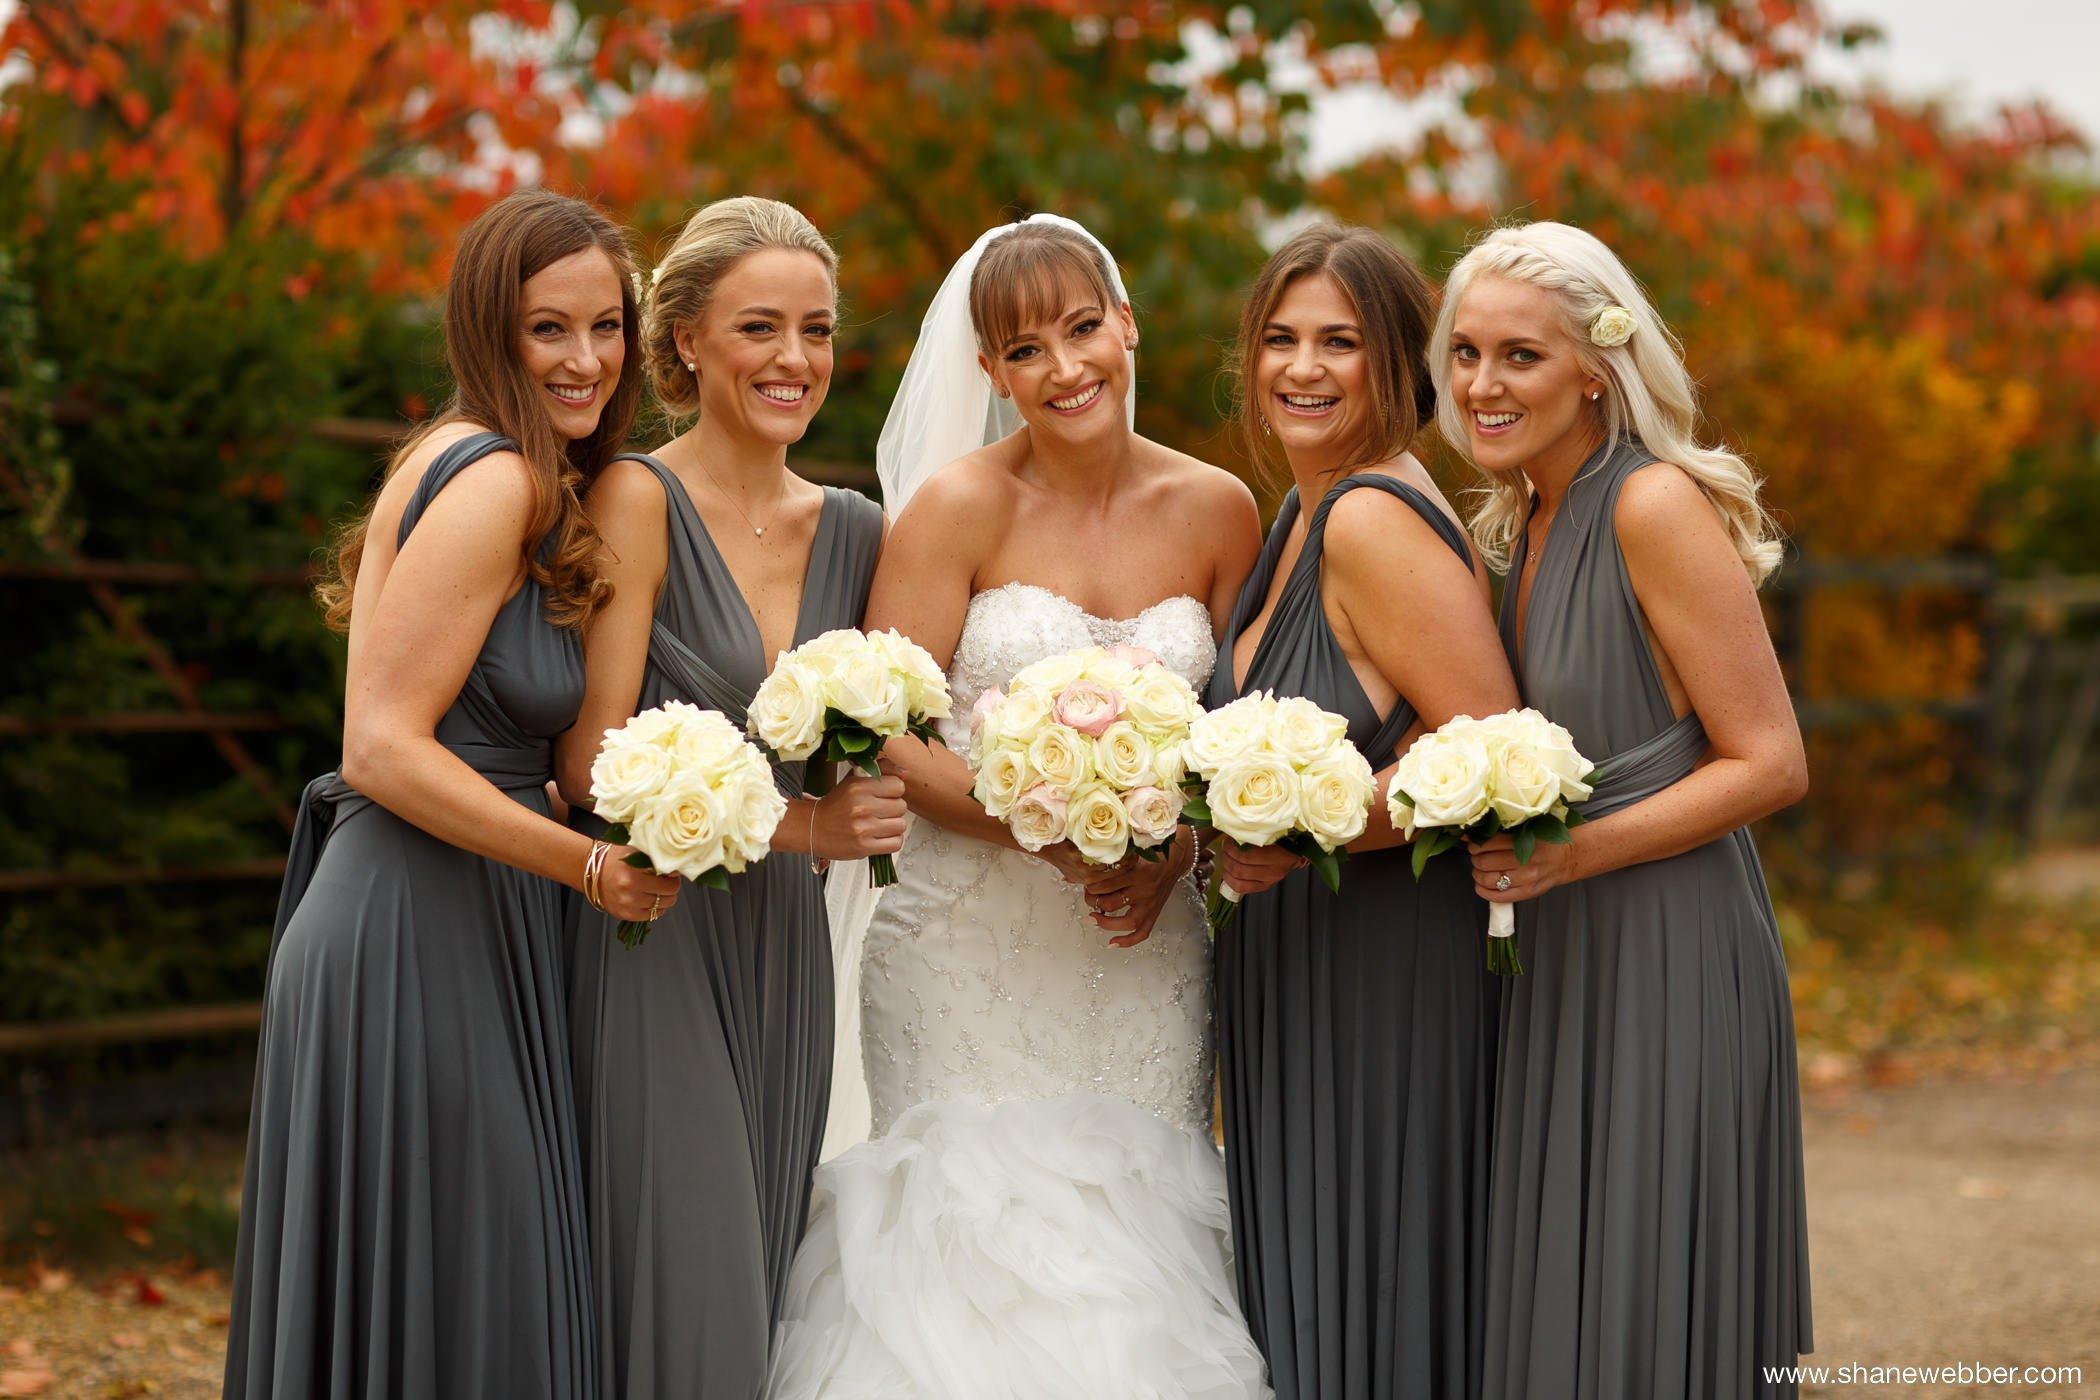 Bridesmaid wedding photos